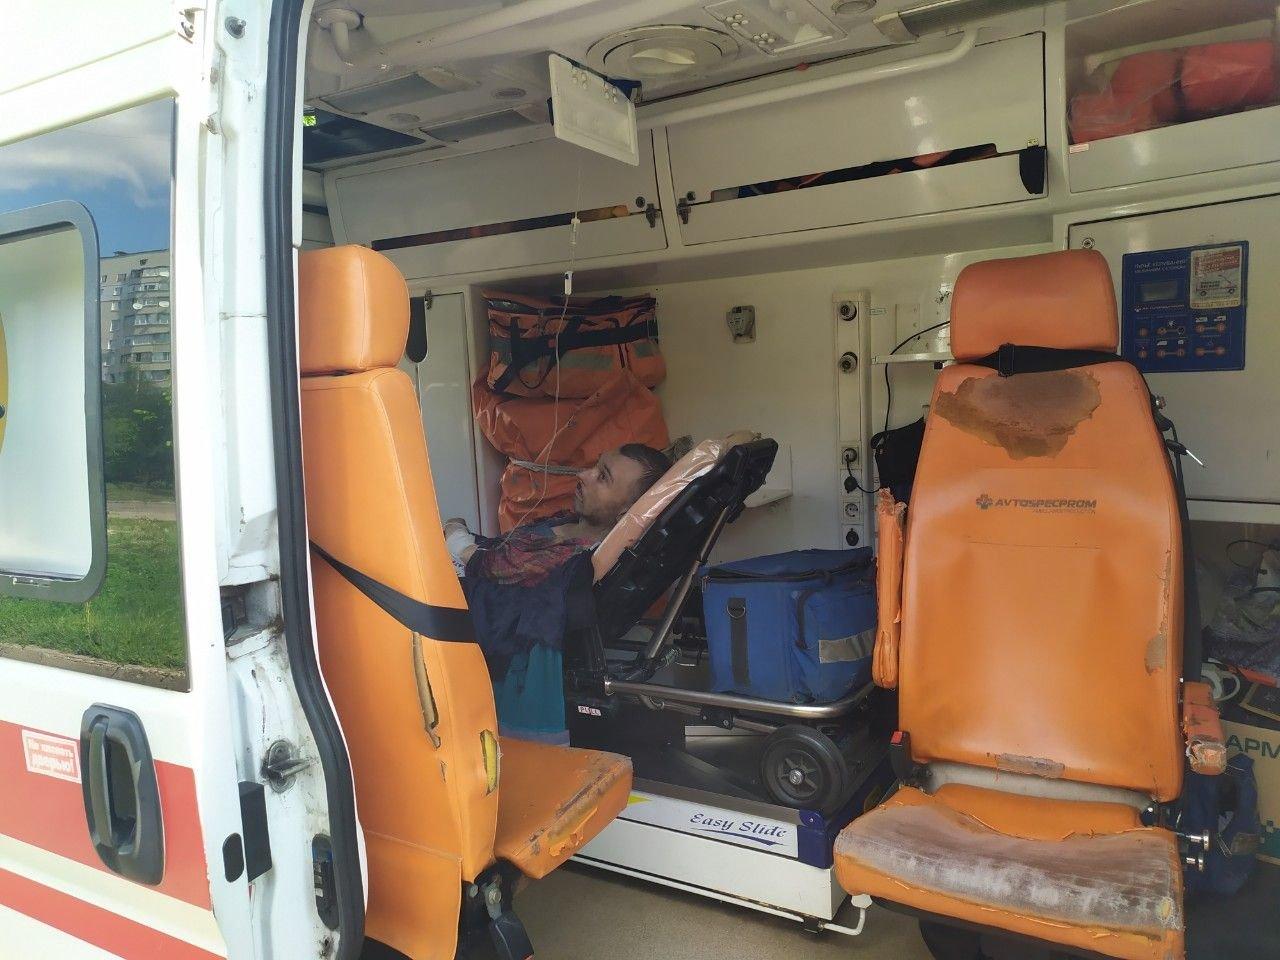 В Харькове из горевшей квартиры пожарные спасли парализованного мужчину, - ФОТО, фото-1